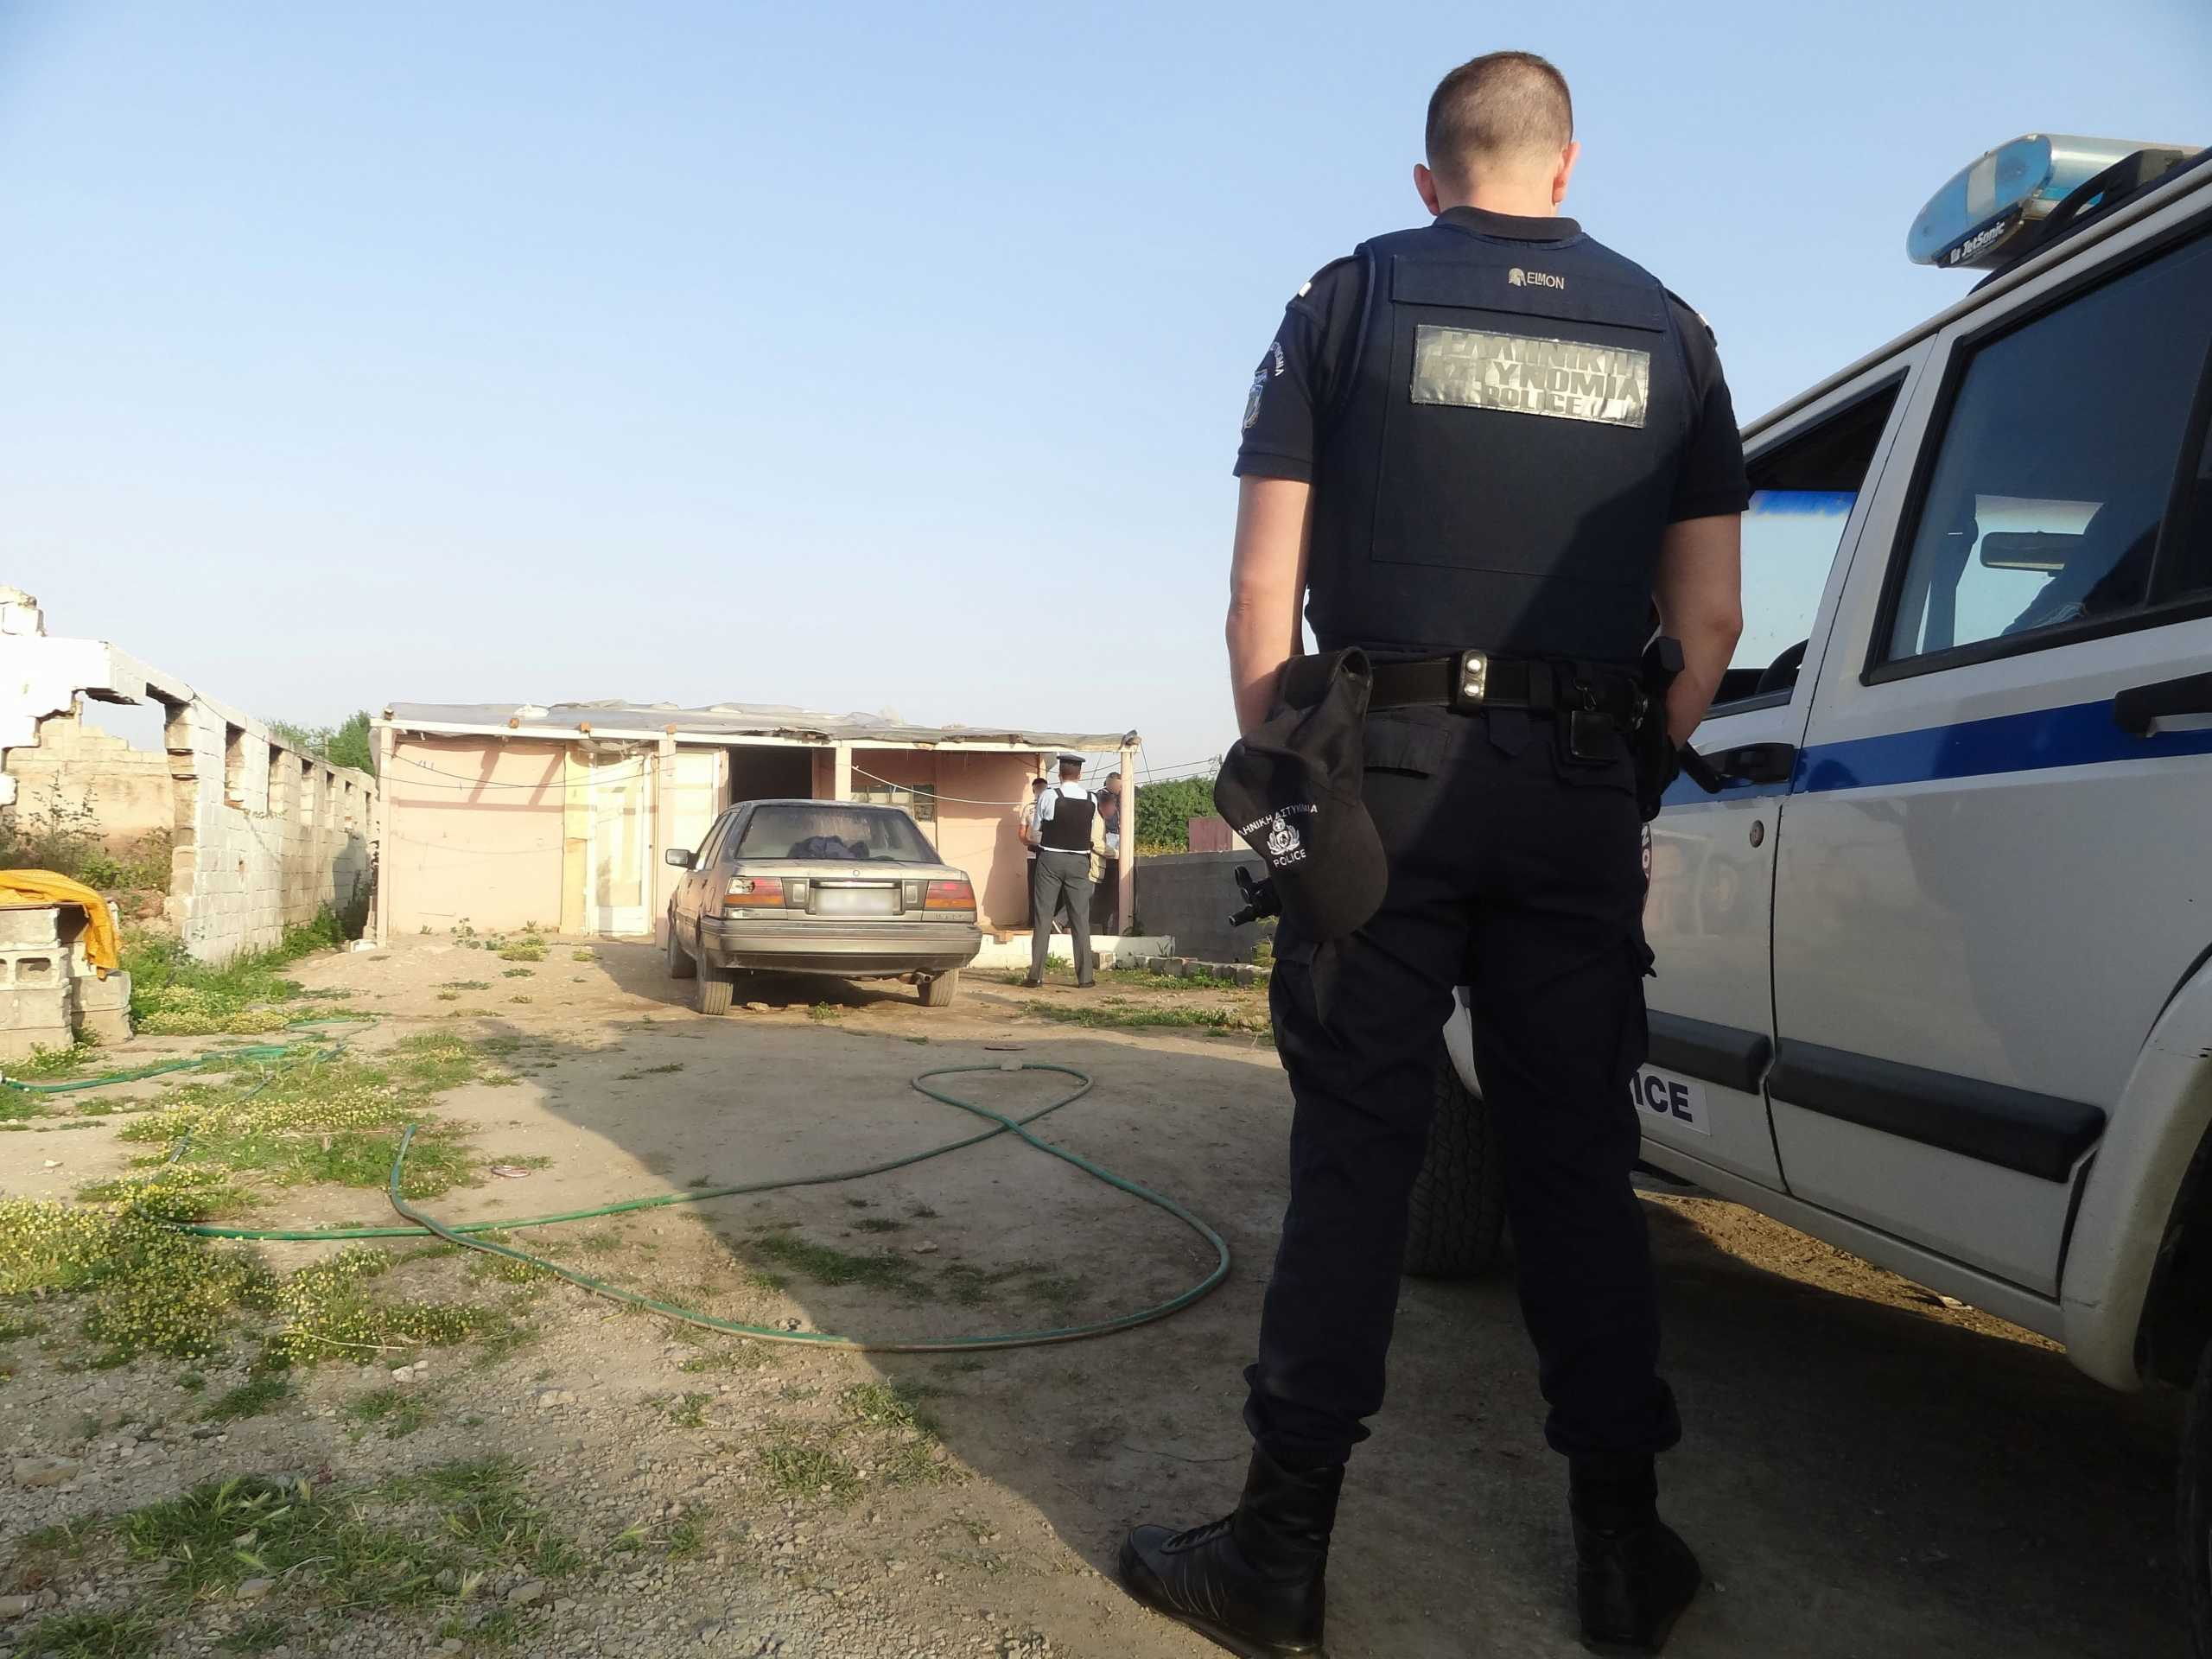 Μέγαρα: Πυροβολισμοί σε καταυλισμό Ρομά – 6 τραυματίες